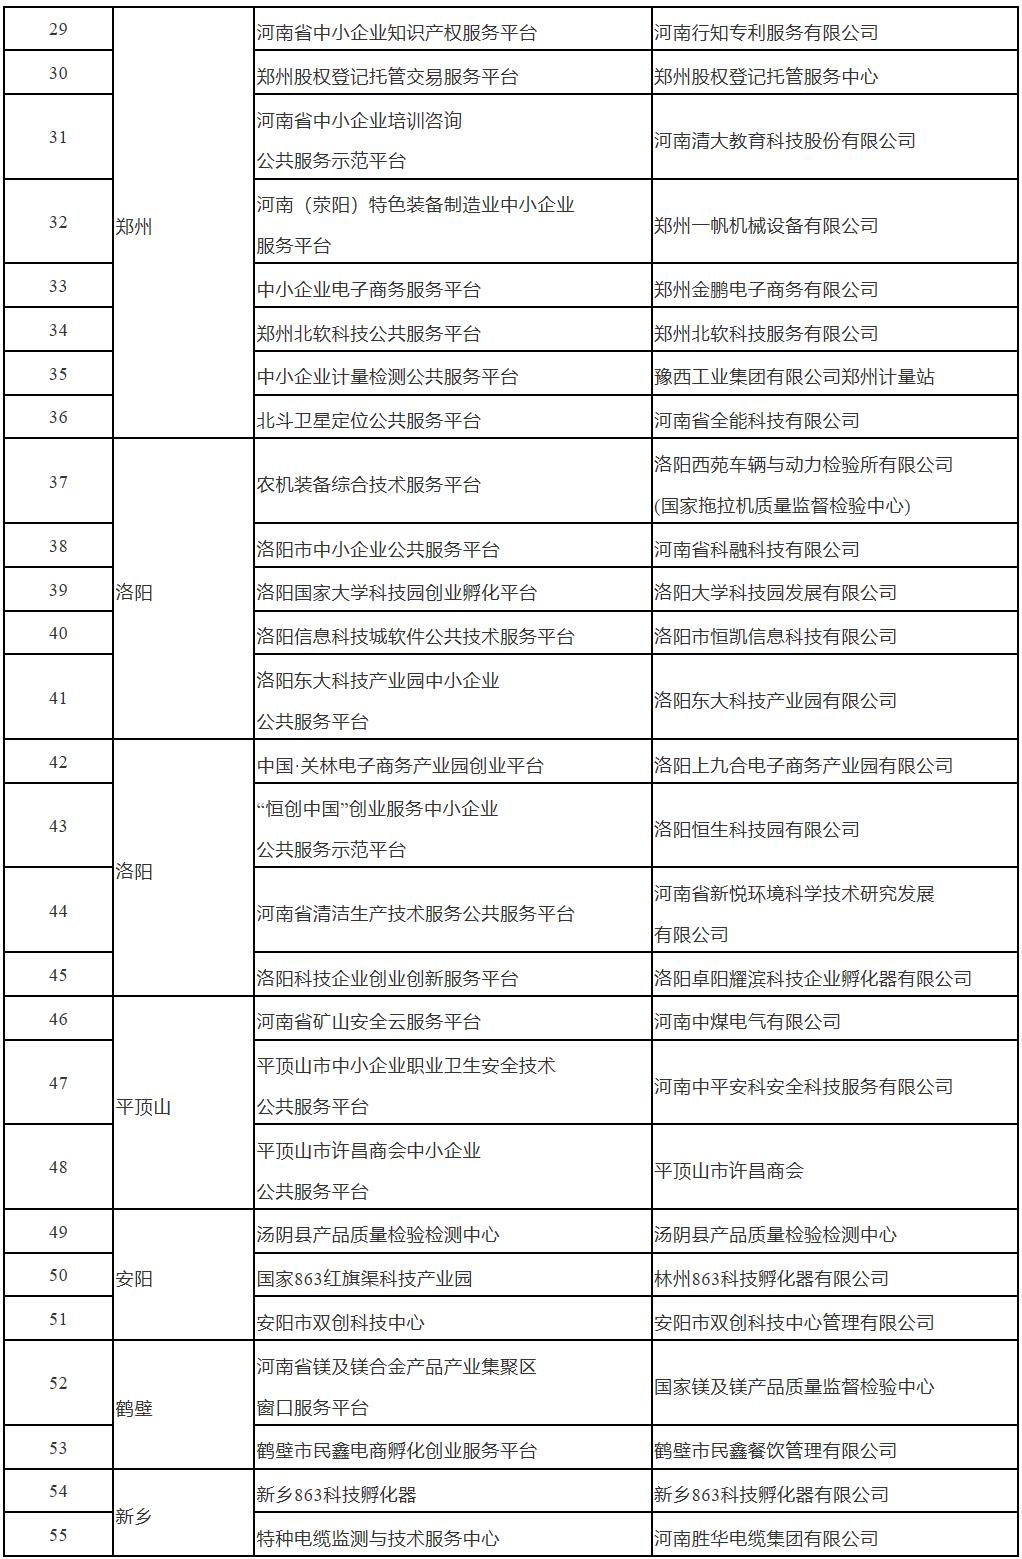 河南省工信厅印发通知 支持服务中小微企业平稳健康发展